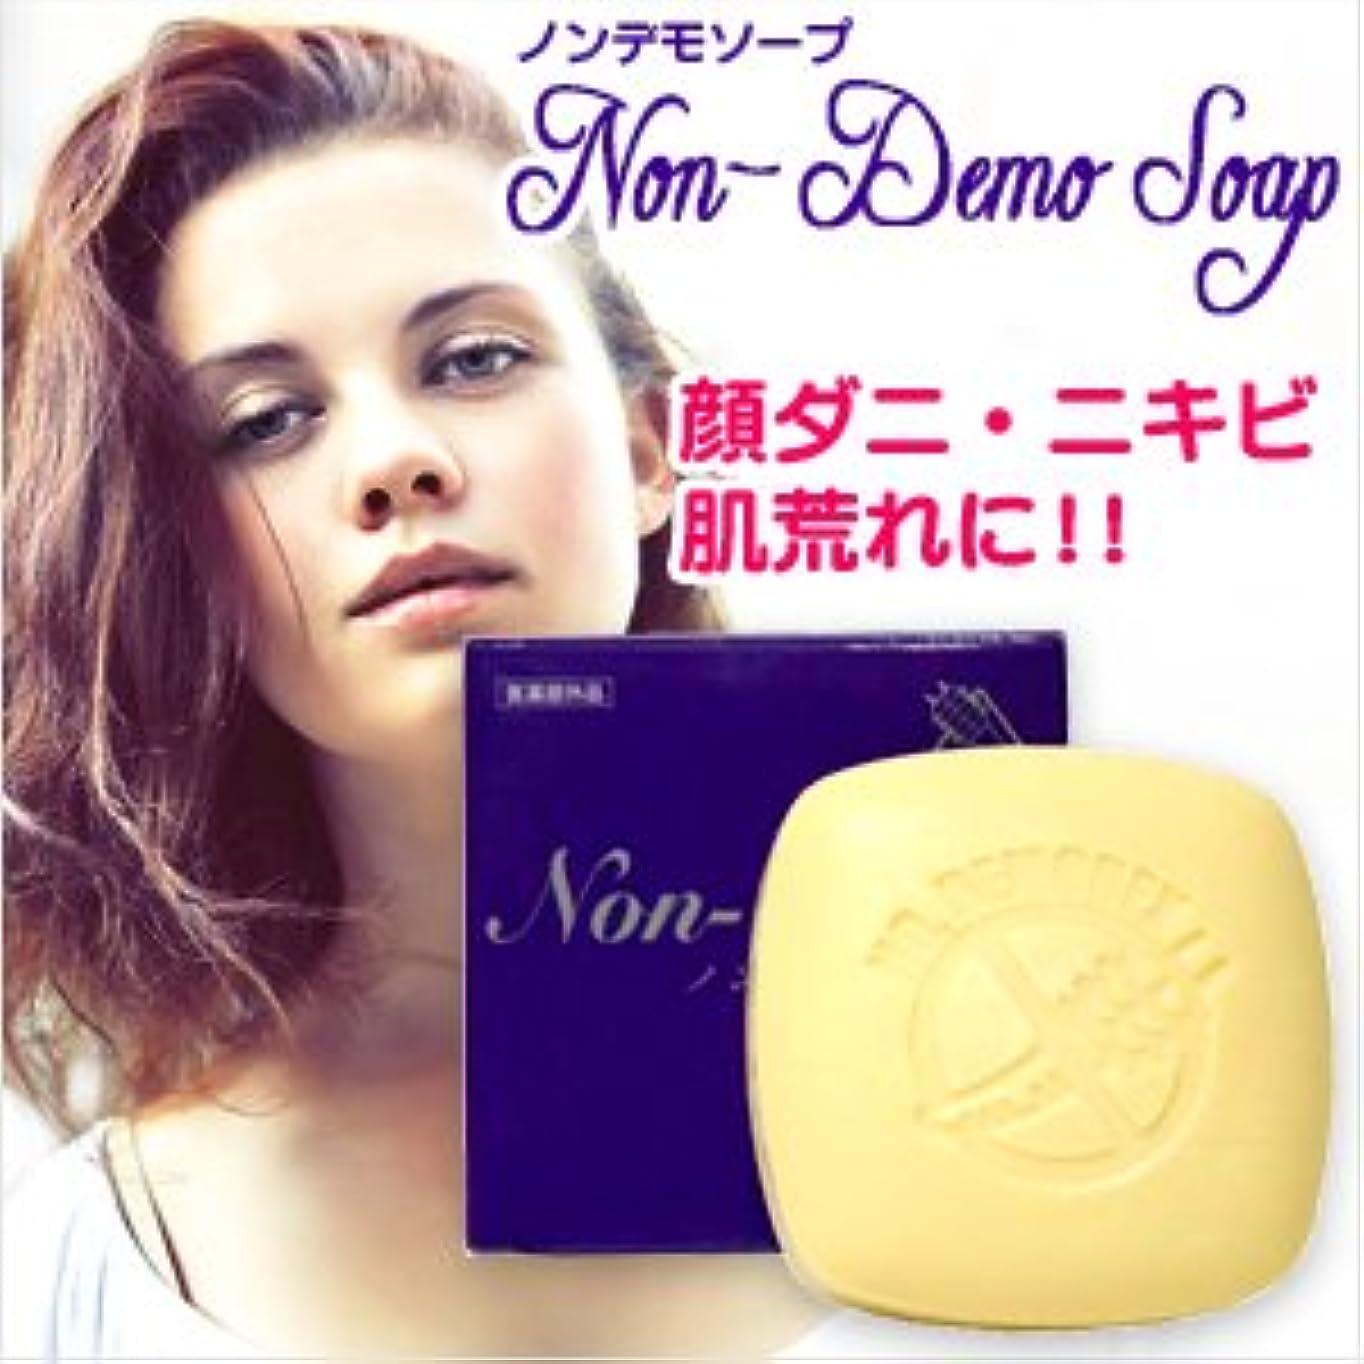 破裂艦隊タップ(医薬部外品) 顔ダニ石鹸 ノンデモソープ (Non-Demo Soap) 130g